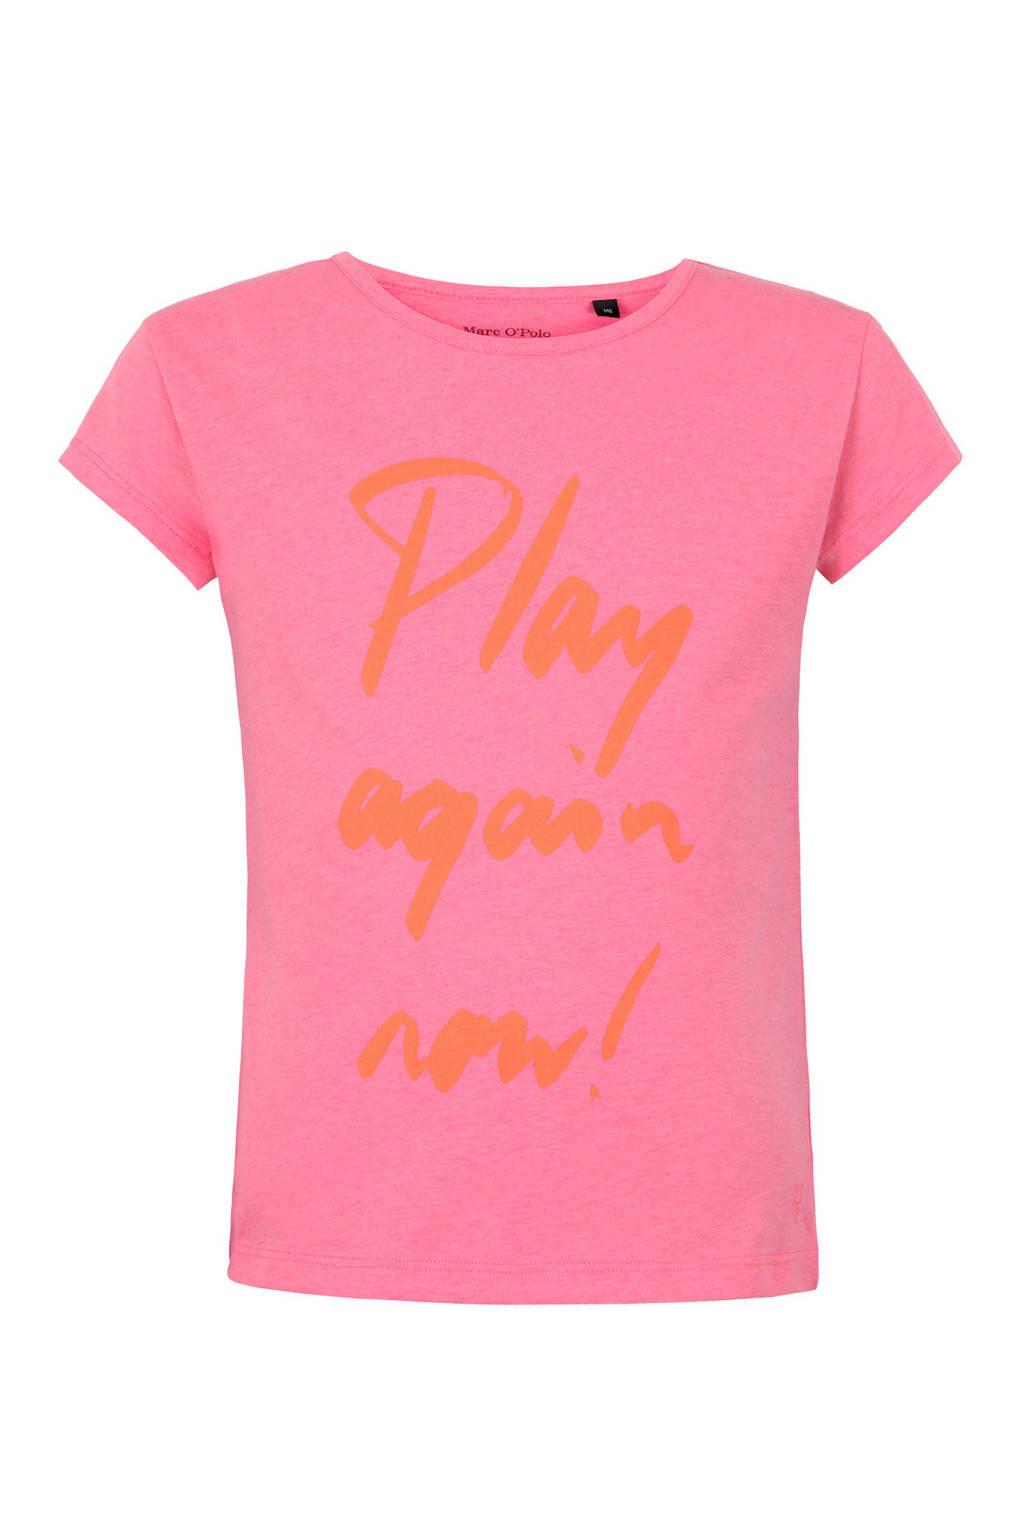 Marc O'Polo T-shirt met tekst roze, Roze